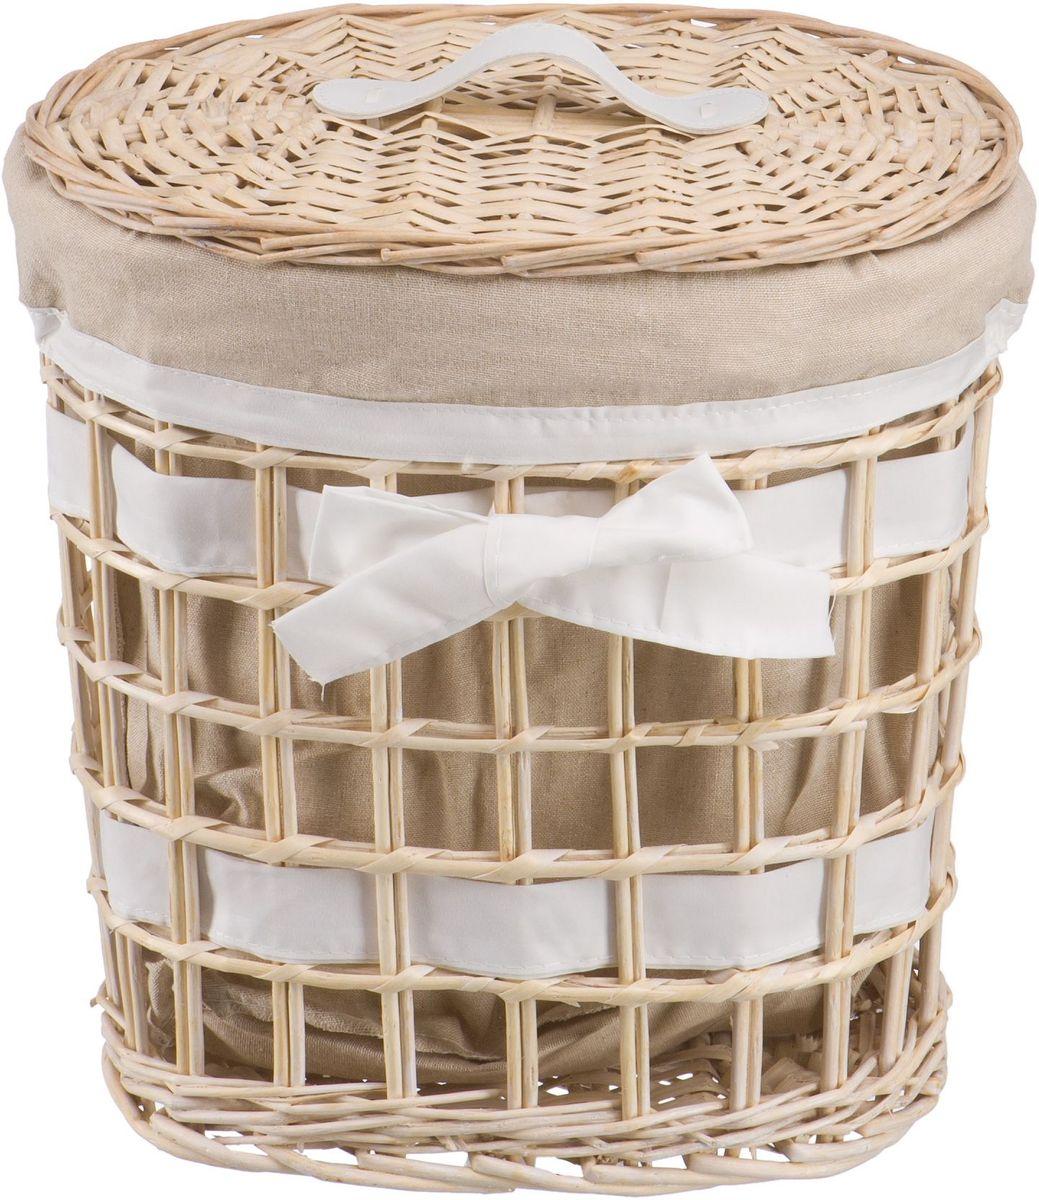 Корзина для белья Natural House Бантик, цвет: молочный, 32 х 21 х 36 смEW-06 SПлетеная бельевая корзина Natural House круглой формы с крышкой станет прекрасным дополнением интерьера. Чехол из ткани легко снимается и стирается. При изготовлении корзины используются только натуральные материалы. Поверхность обработана водоотталкивающим и антибактериальным покрытием, поэтому корзину можно использовать в ванных комнатах.Материалы изготовления корзины: лоза ивы, ткань.